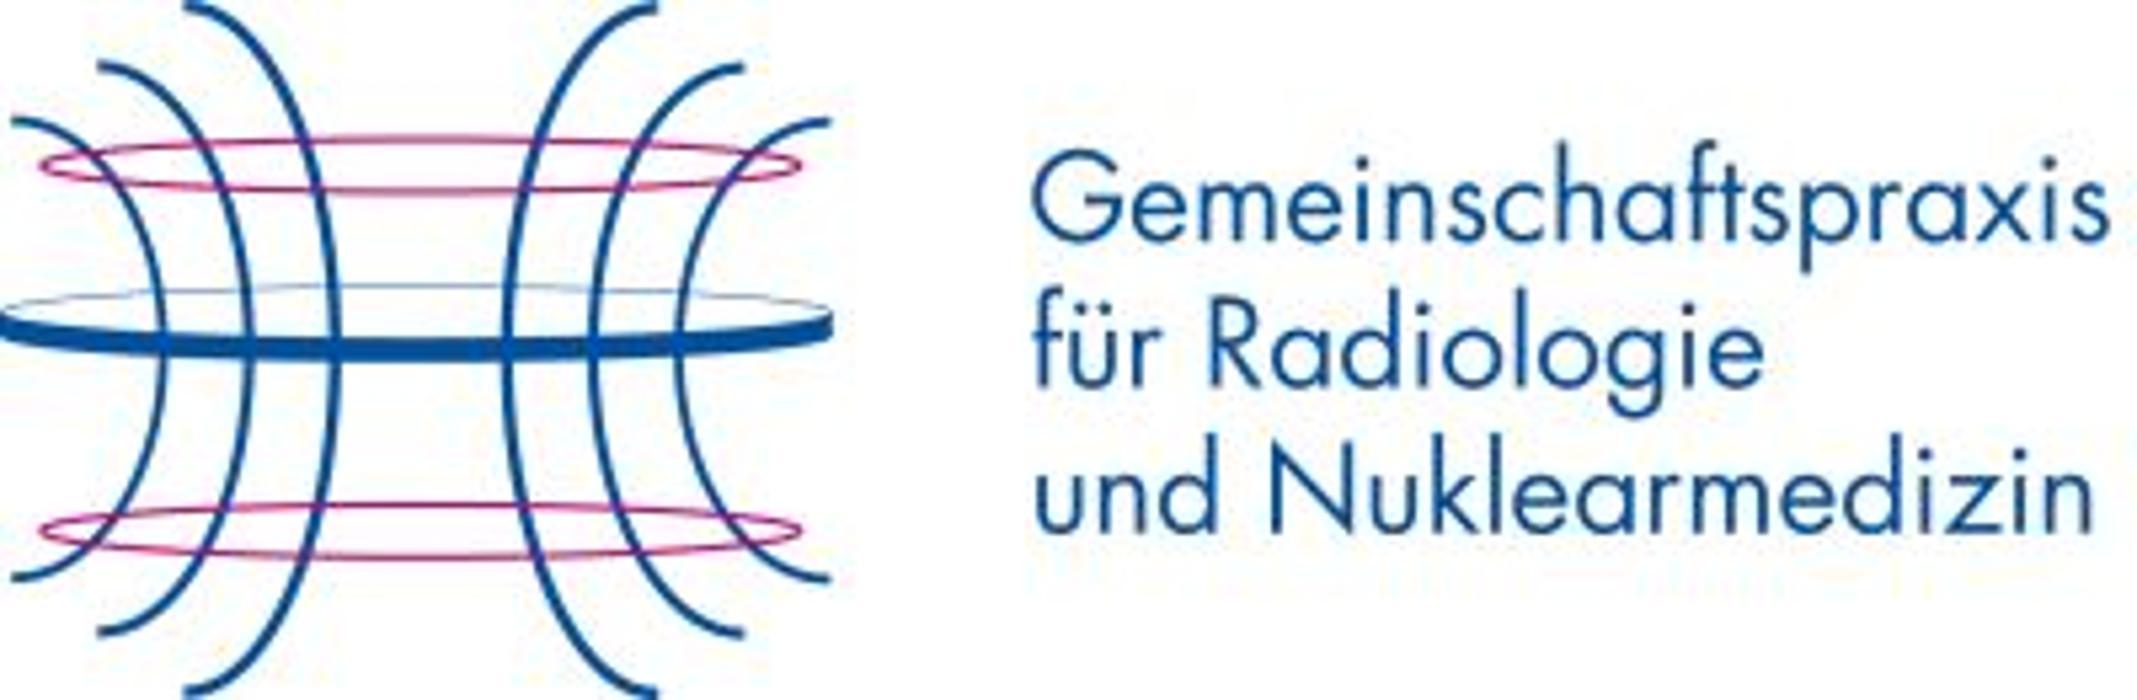 Bild zu Gemeinschaftspraxis für Radiologie und Nuklearmedizin in Pirmasens